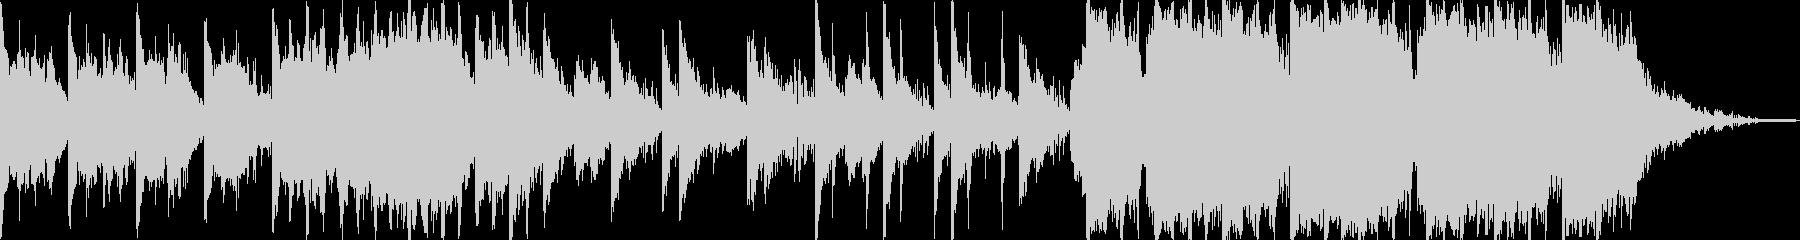 エレクトロで鈍重なリズムのオーケストラ。の未再生の波形